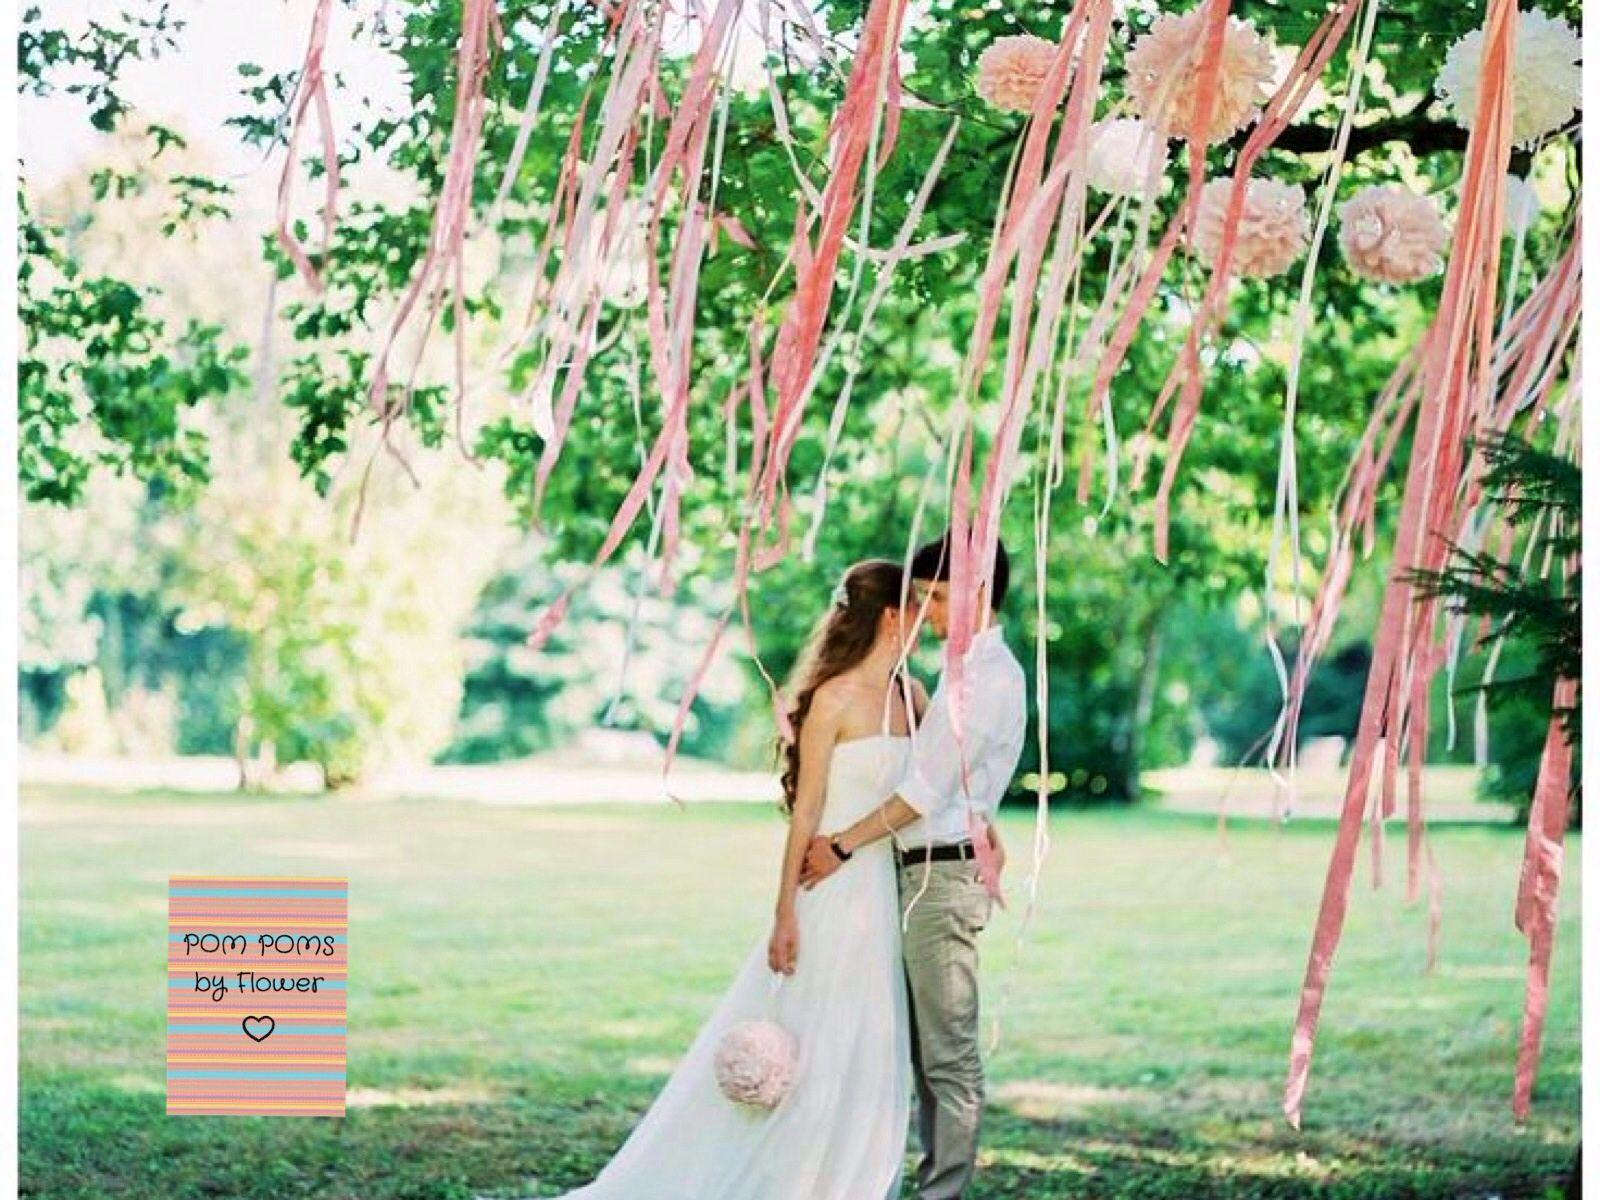 Hochzeit Gartenparty Tischdekoration Deko